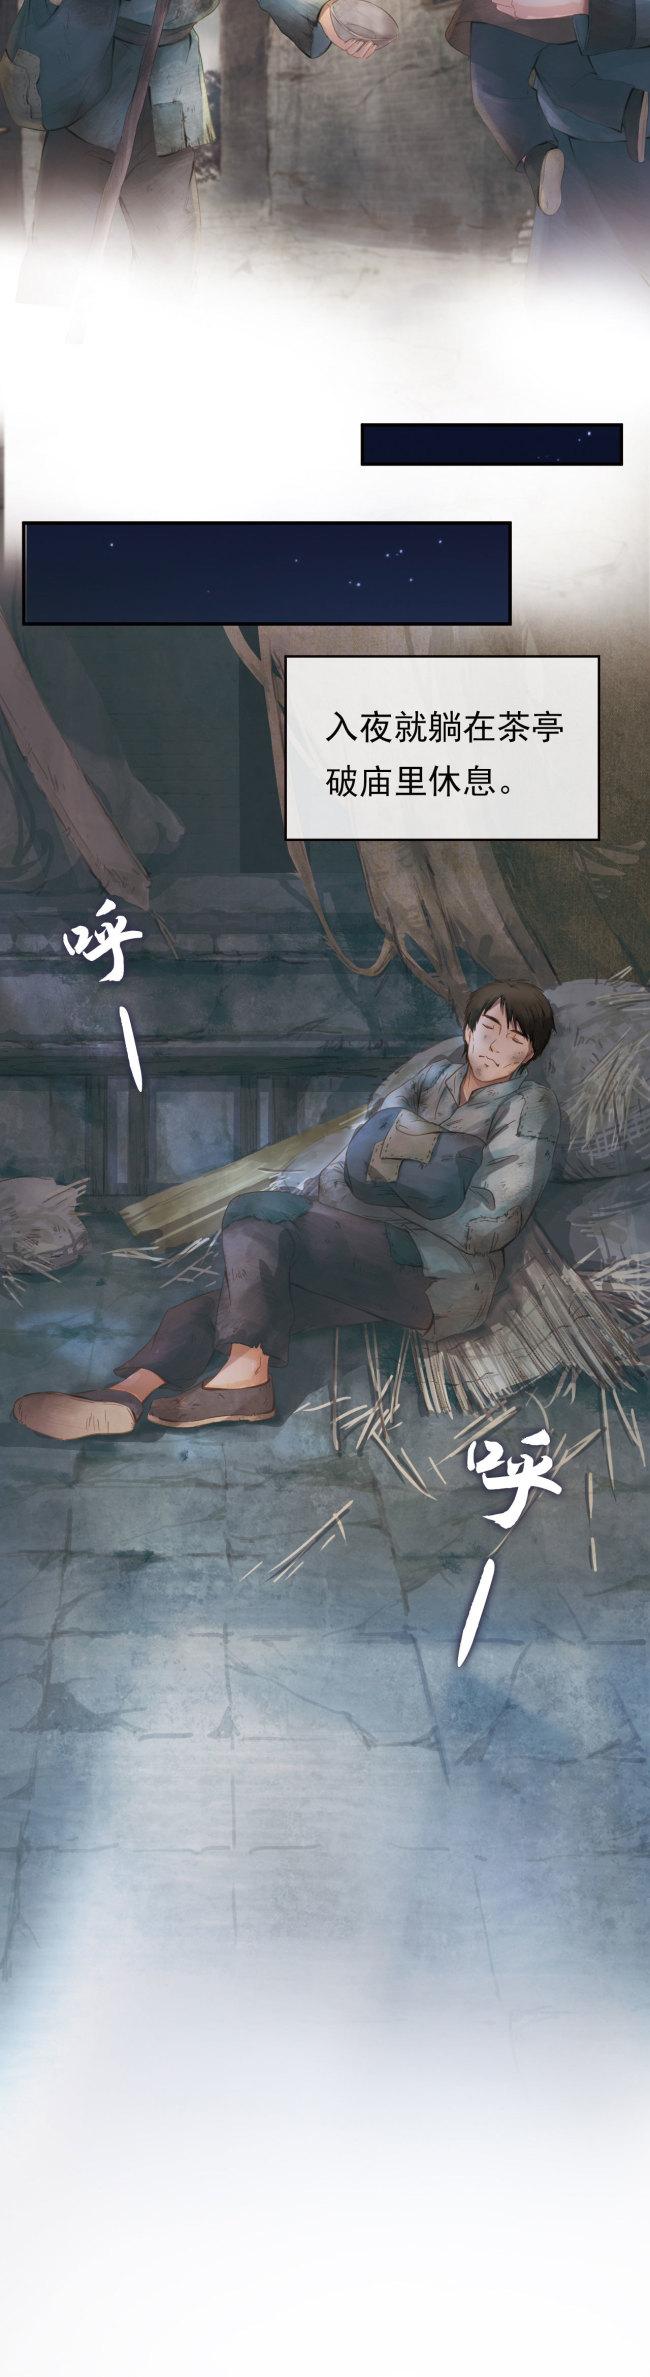 这个乞丐,竟然背着金条讨饭吃